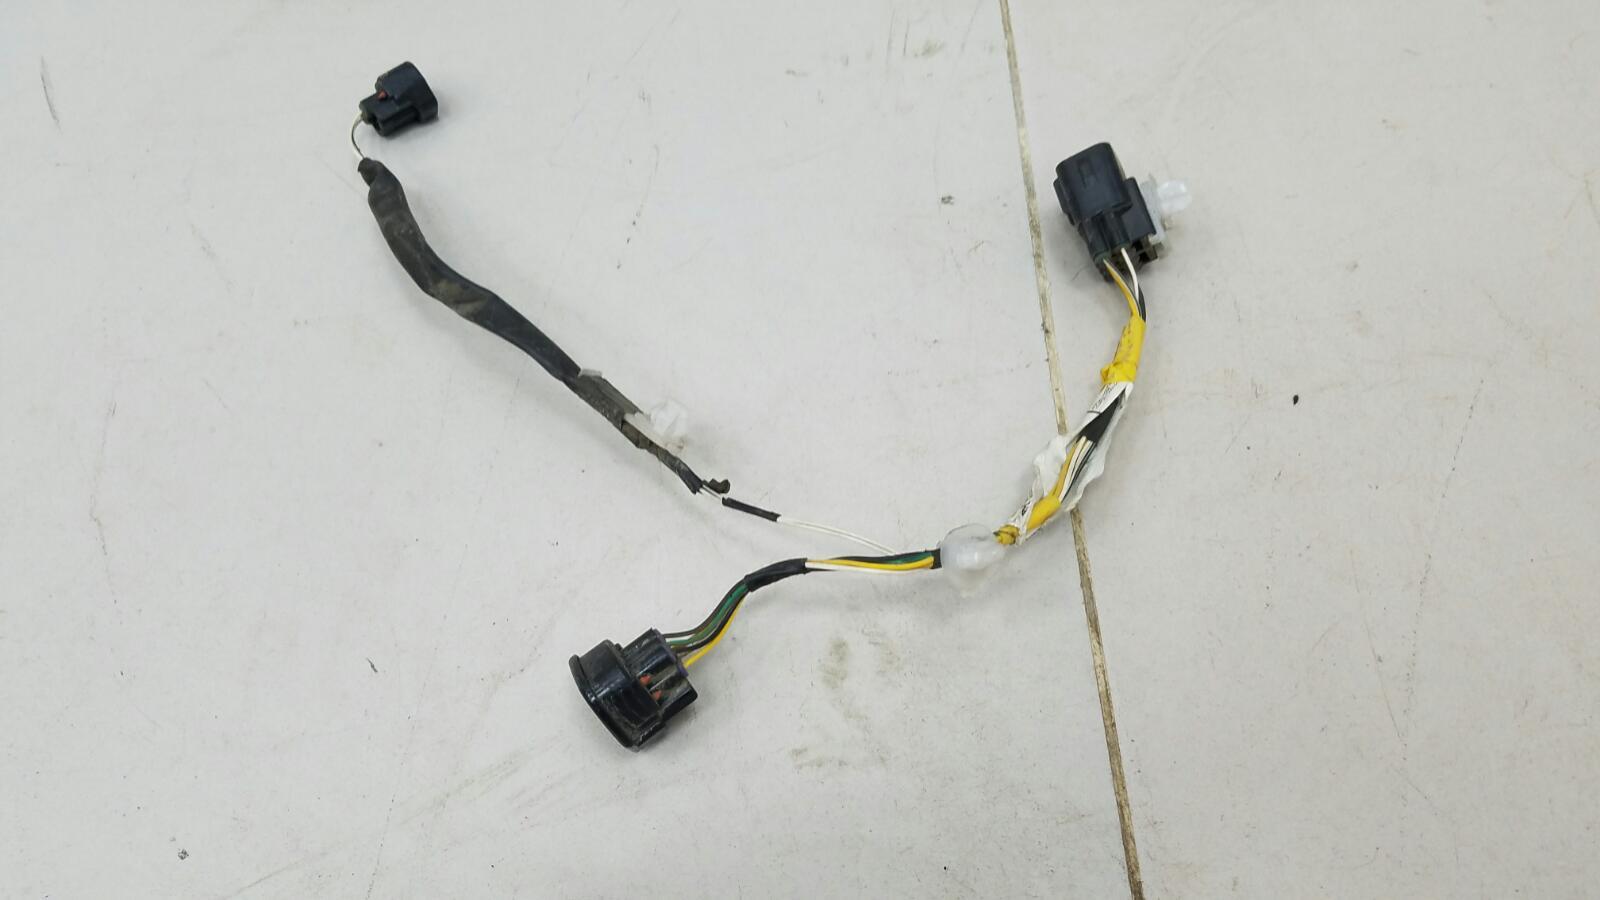 Проводка шлейф коса салона Toyota Avensis 2 T250 1ZZ-FE 1.8Л 2008